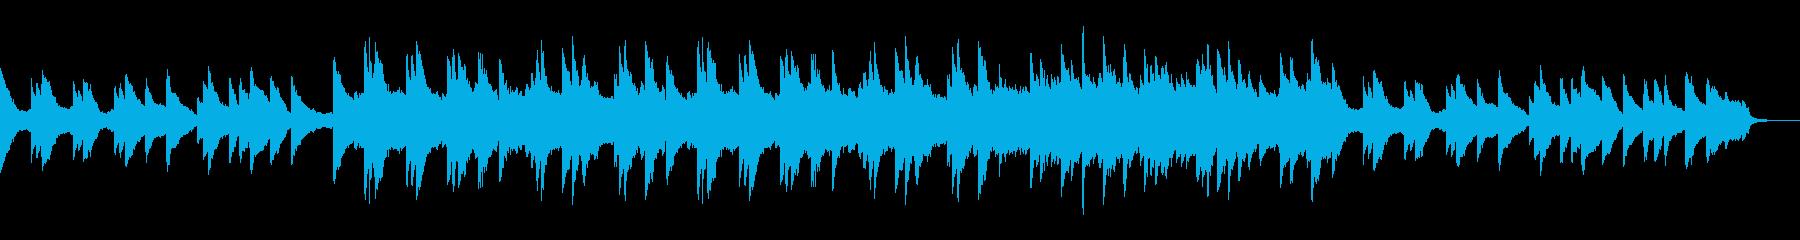 ピアノソロ/リラックス/切ない/感動の再生済みの波形